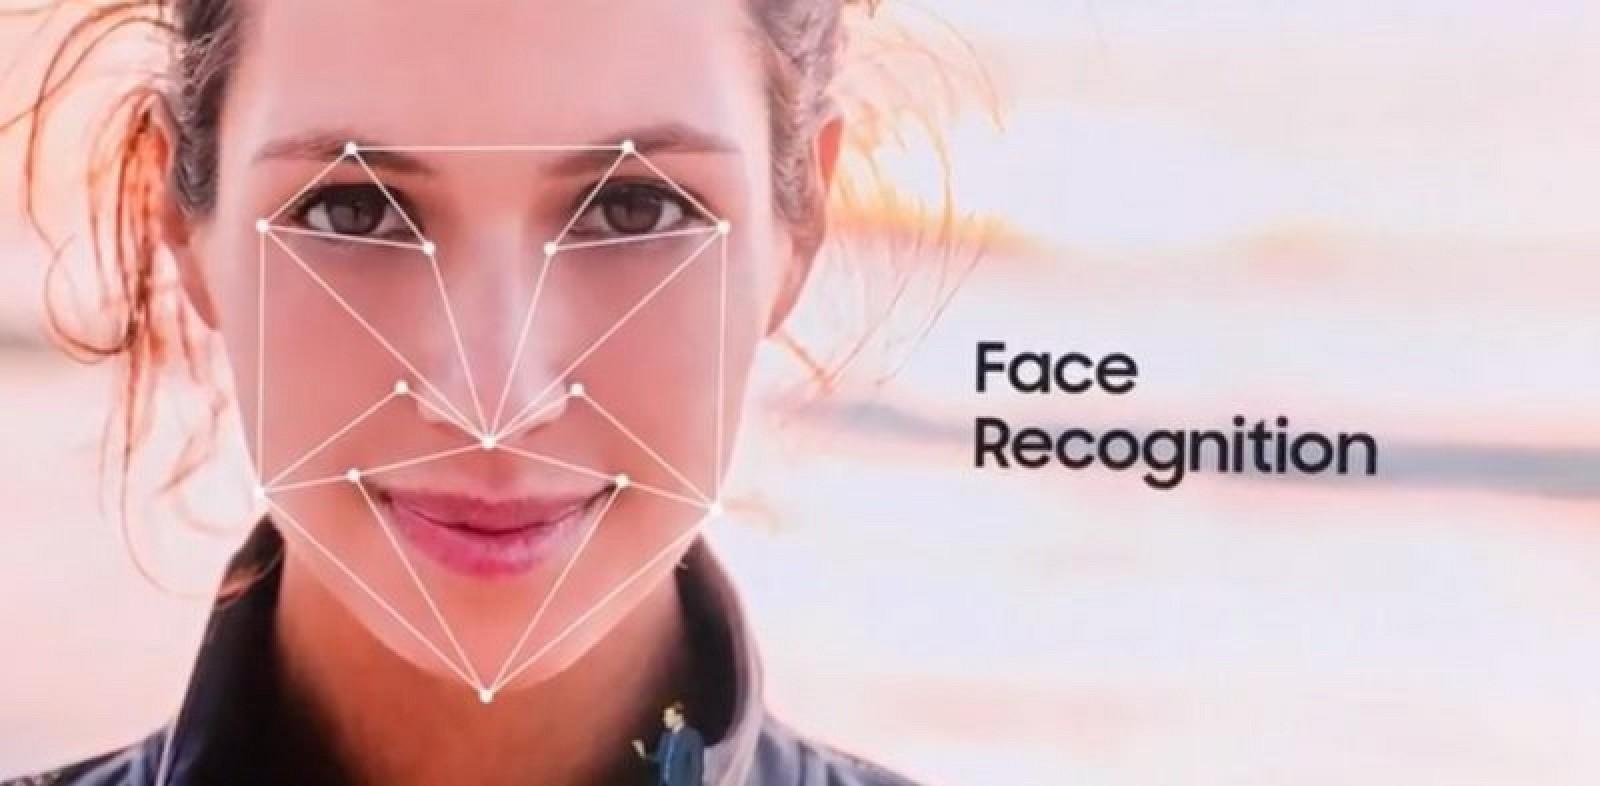 تقنية التعرف على الوجه التي يعتقد أنها ستستخدم في أيفون 8